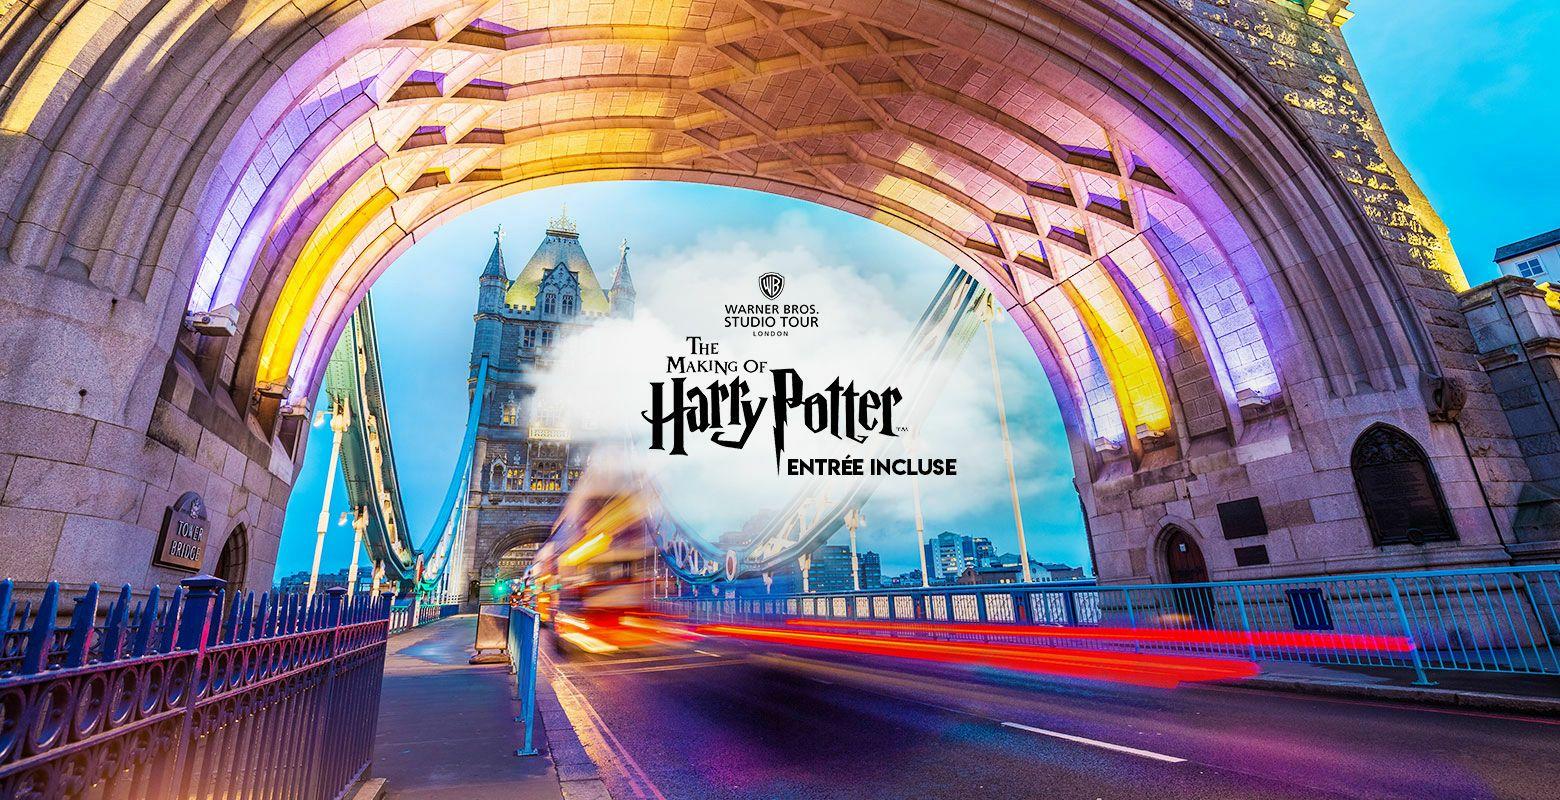 Séjour The Tavistock Hotel + Entrée Studio Harry Potter (Avec ou sans transport) - A partir de 2 nuits, 1 personne